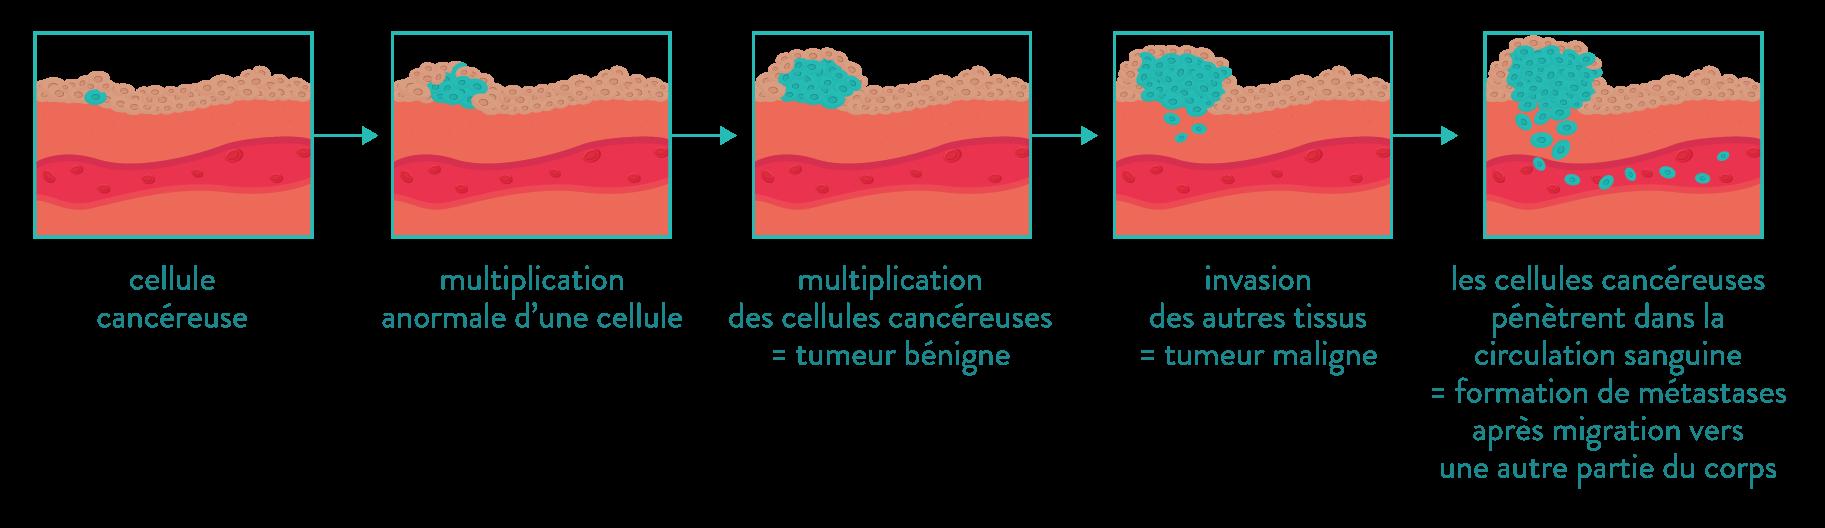 cancer cellules cancéreuses tumeur métastases